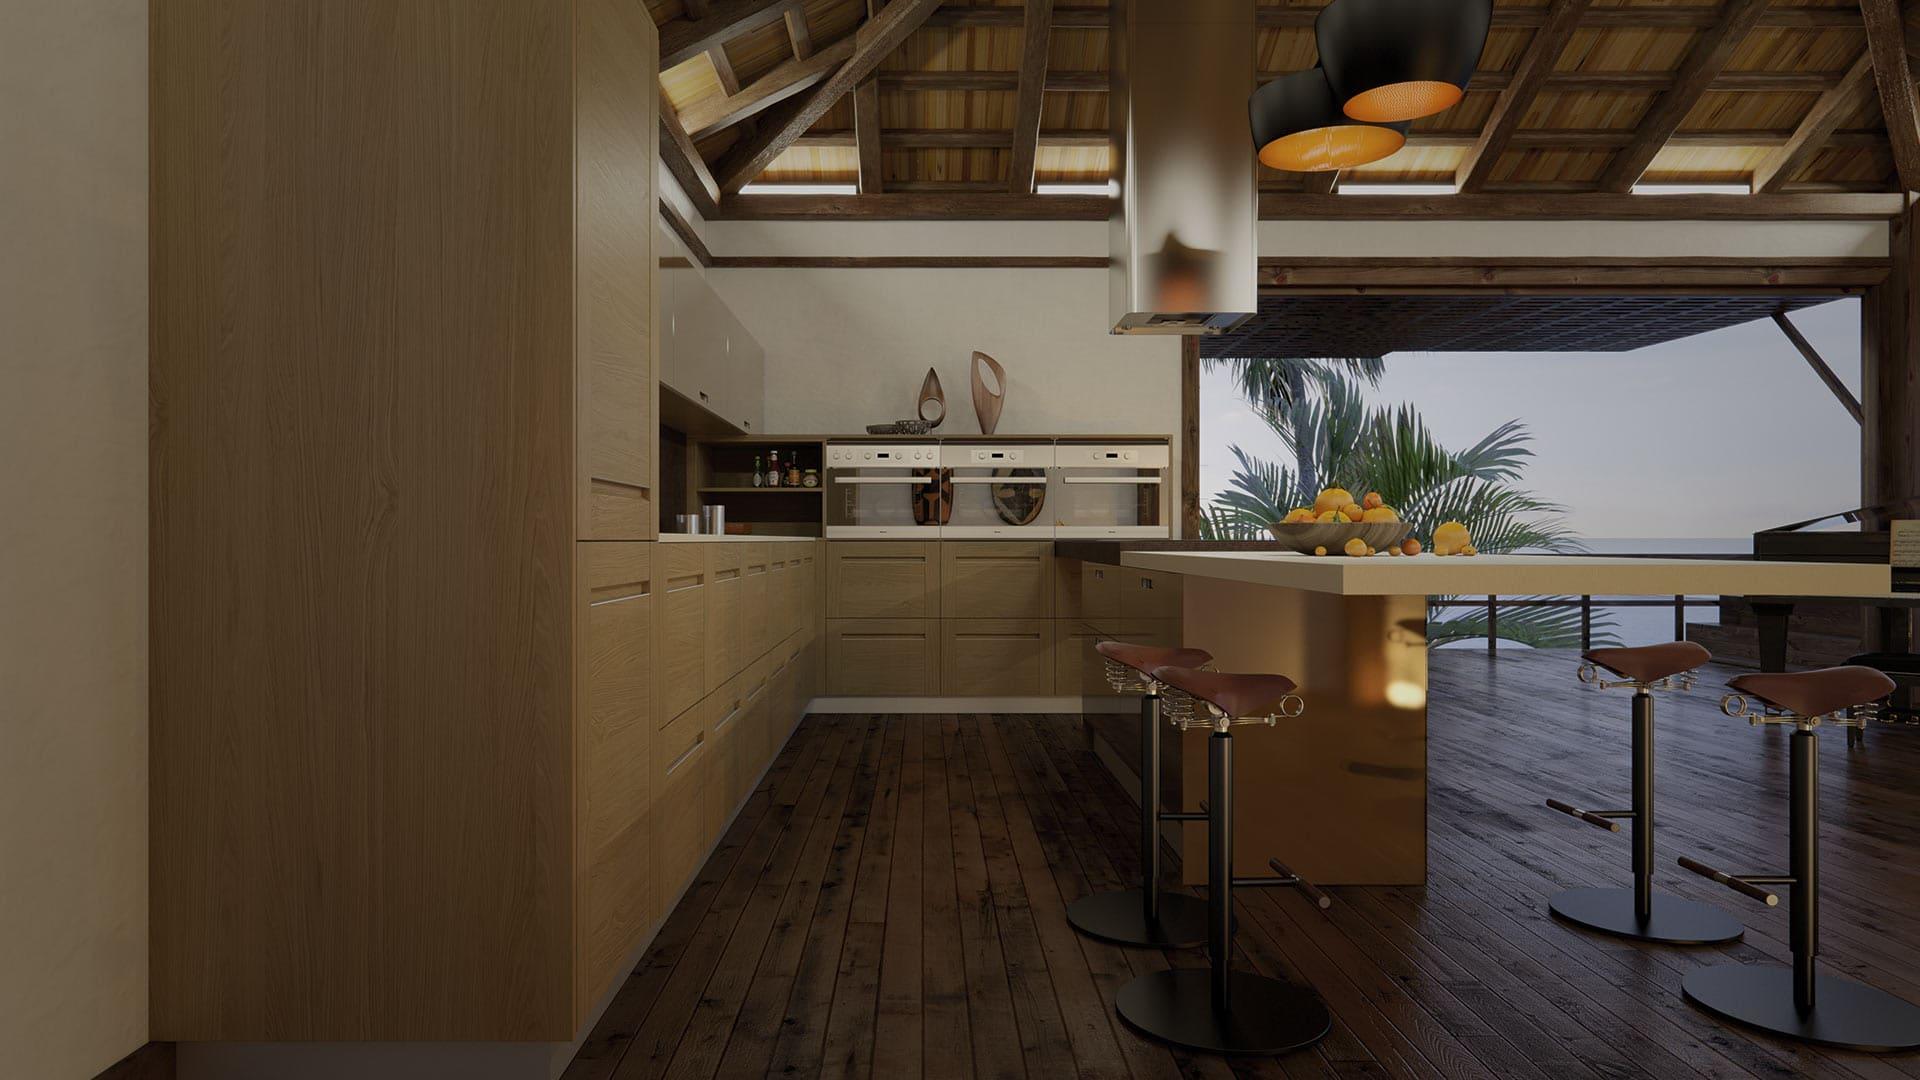 Senssia convertimos tu hogar en un espacio nico muebles for Cocinas nuevas 2016